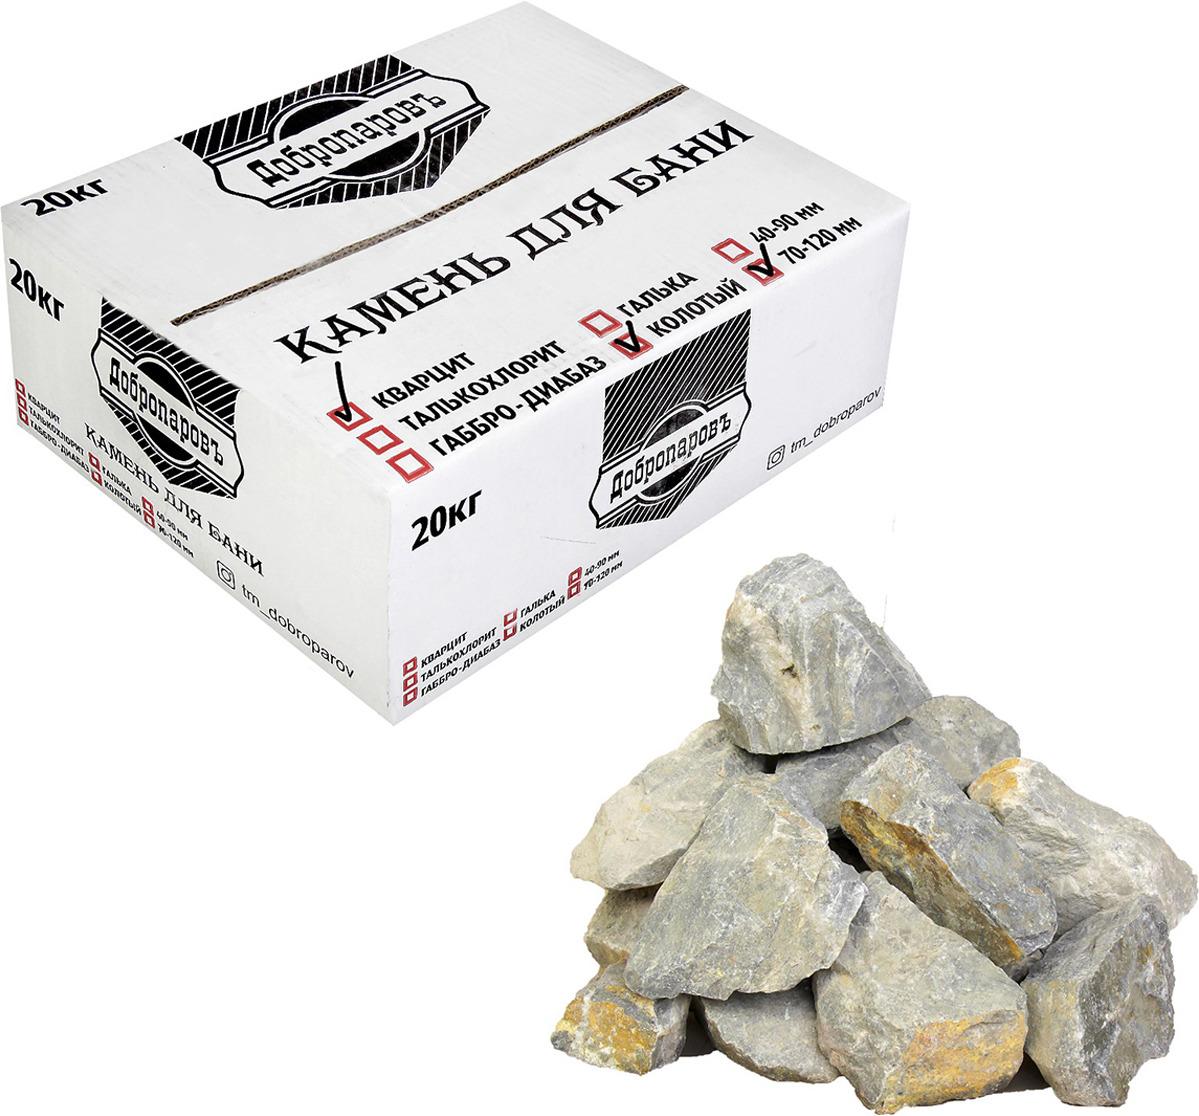 Камень для бани Добропаровъ Кварцит колотый, 3294483, 20 кг, фракция 70-120 мм печь для бани 8 мм